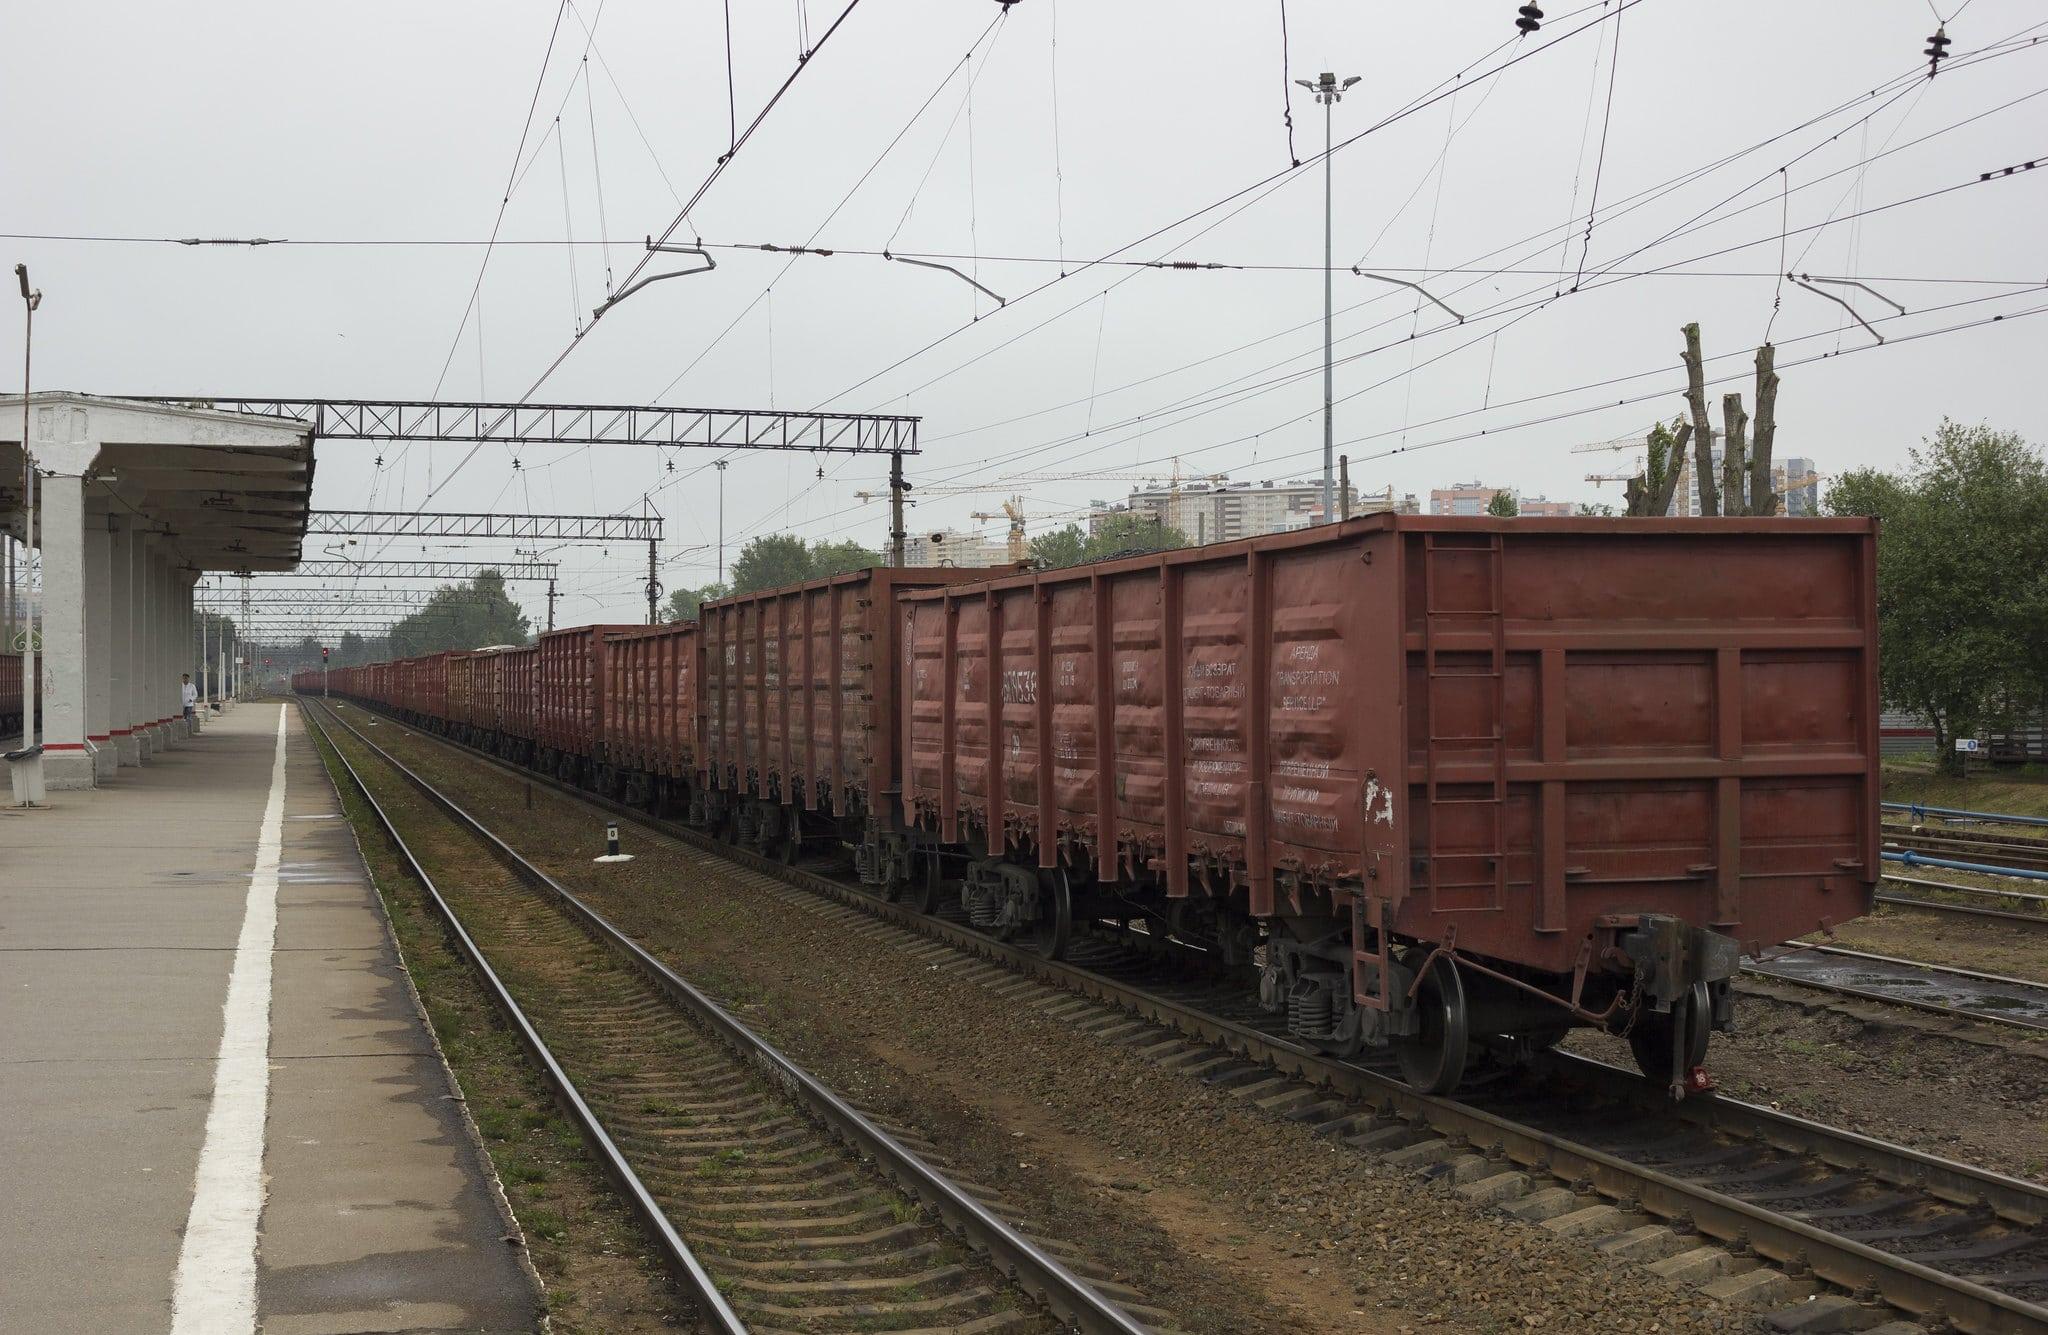 Кризис в грузовом движении РЖД: каждые сутки простаивает 1800 поездов